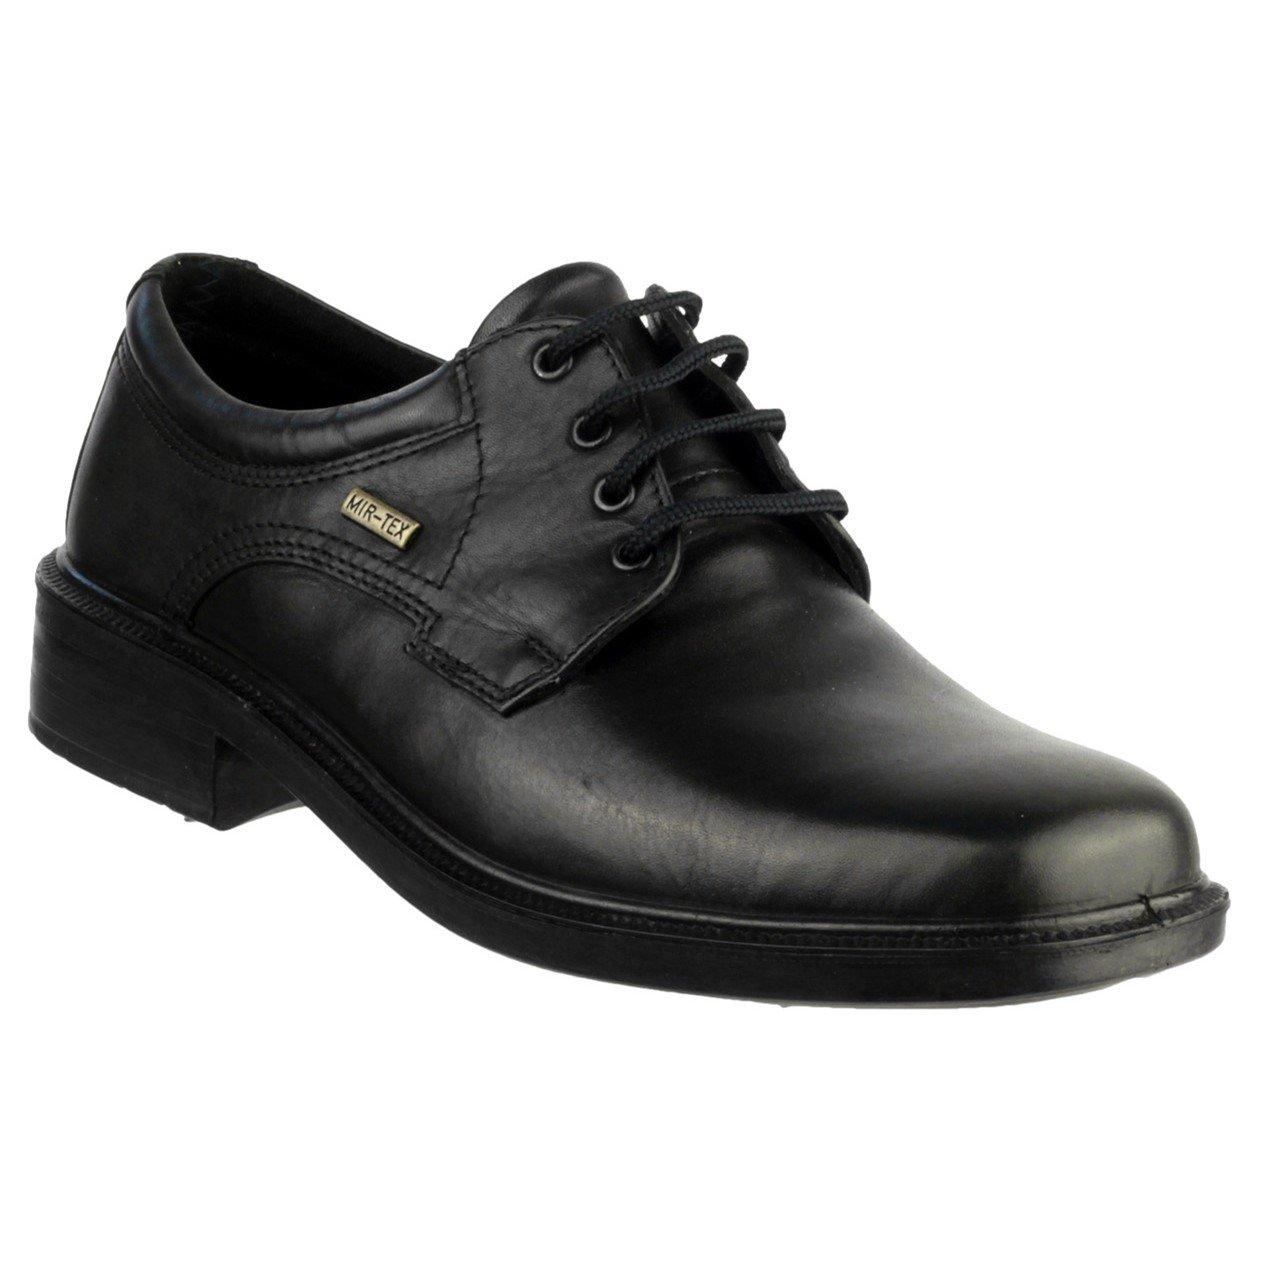 Cotswold Men's Sudeley Waterproof Shoe Various Colours 32970 - Black 6